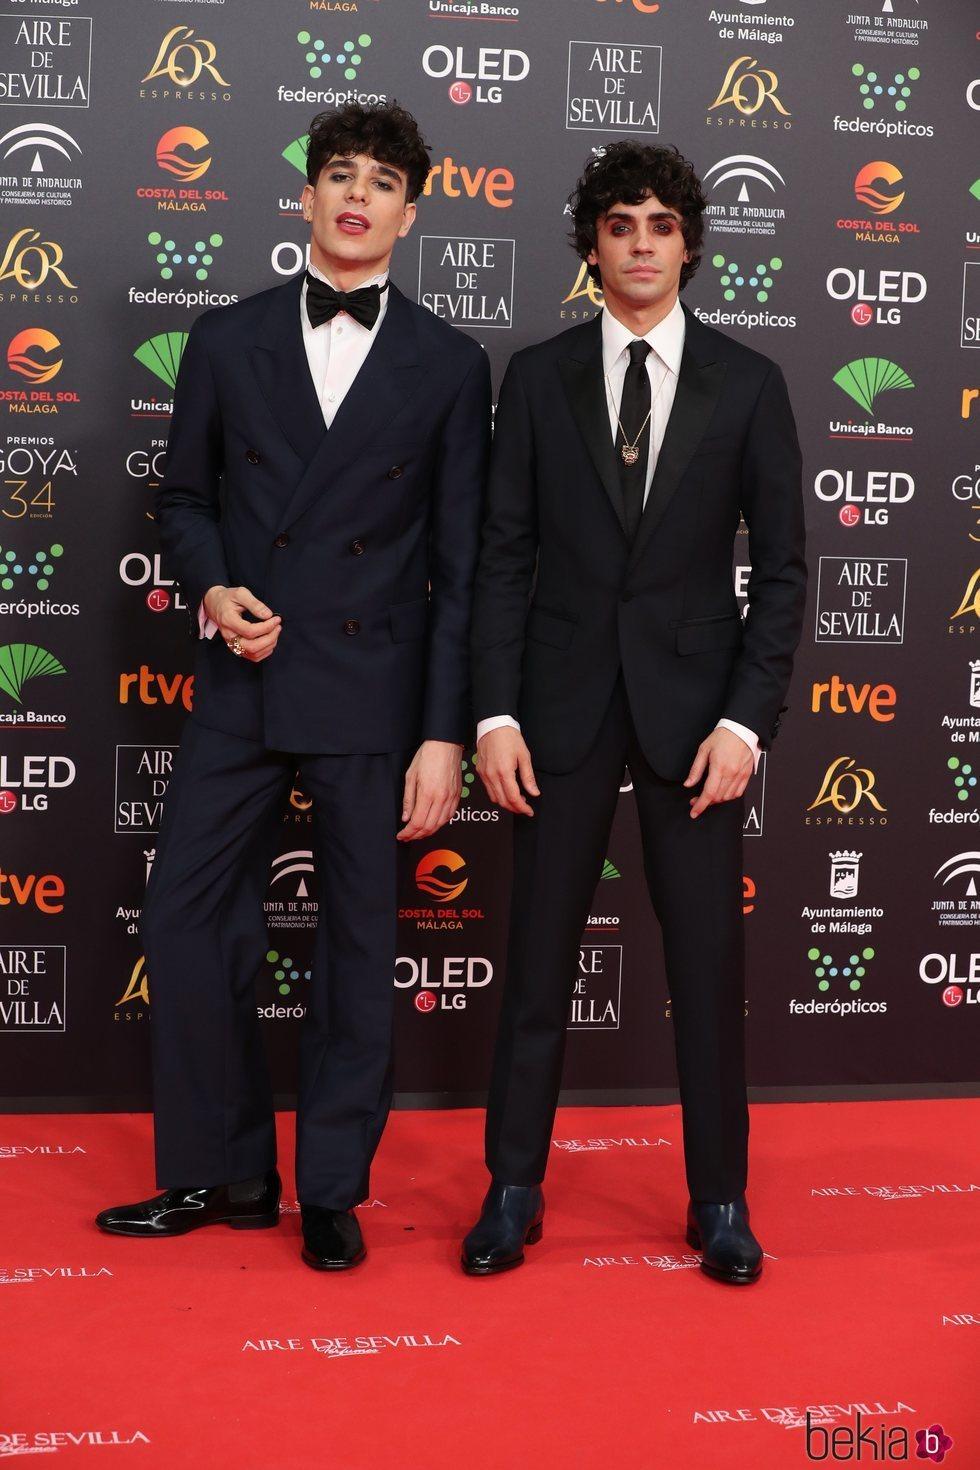 Javier Calvo y Javier Ambrossi en la alfombra roja de los Goya 2020